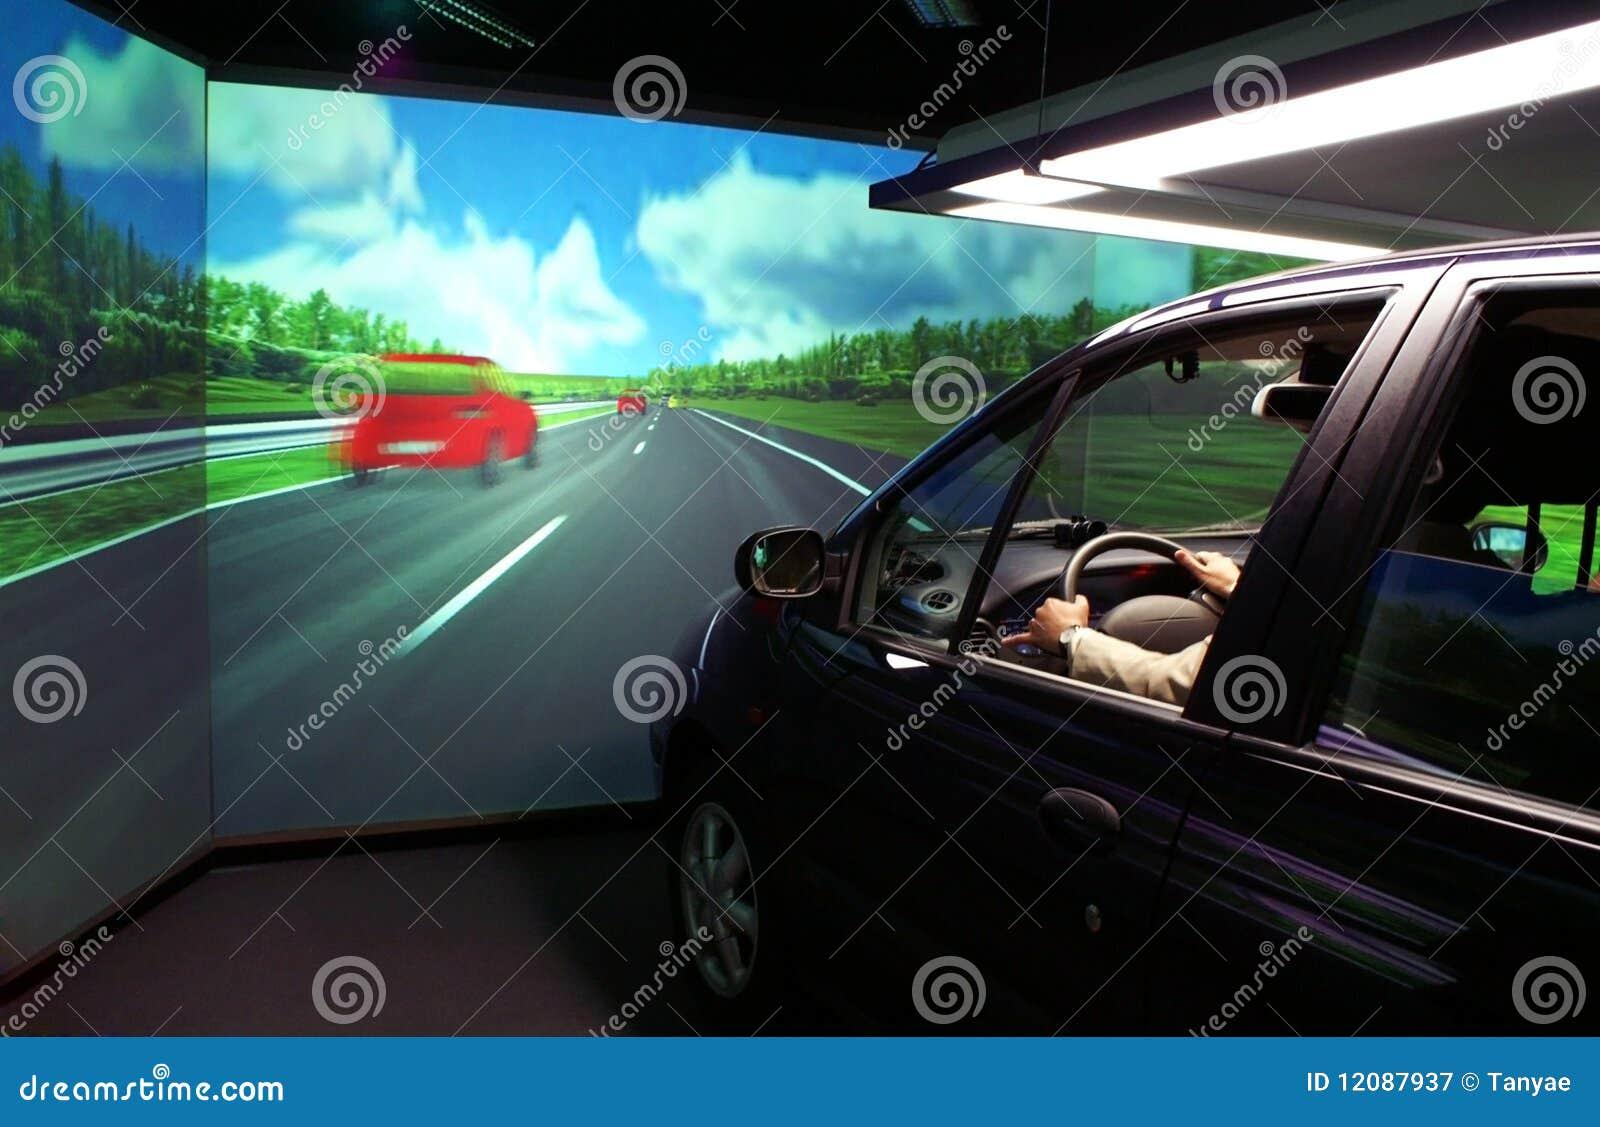 De simulator van de auto voor ergonomieonderzoek